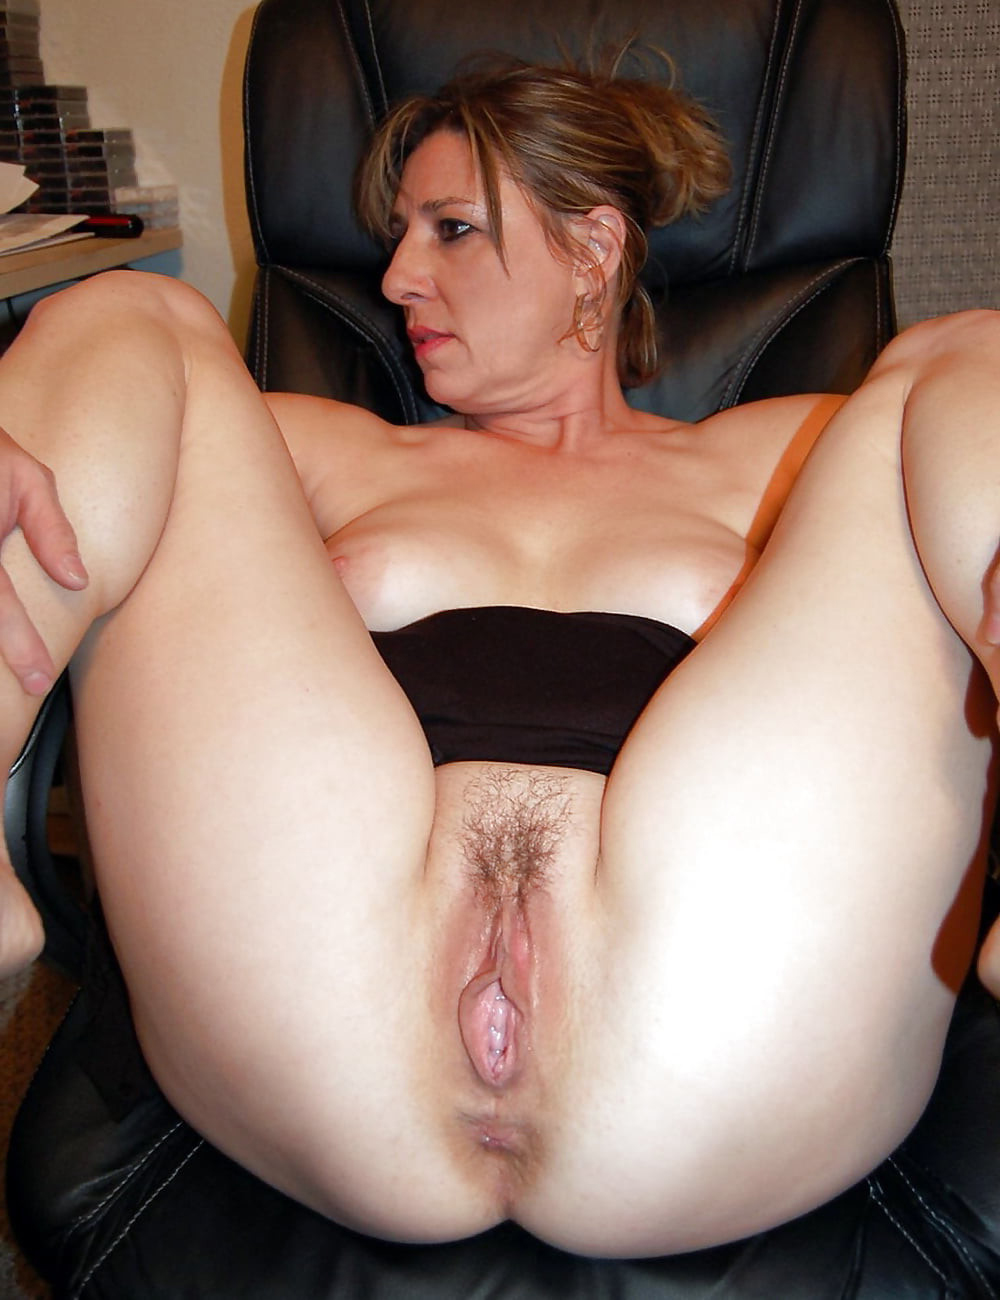 Super sexy amateur